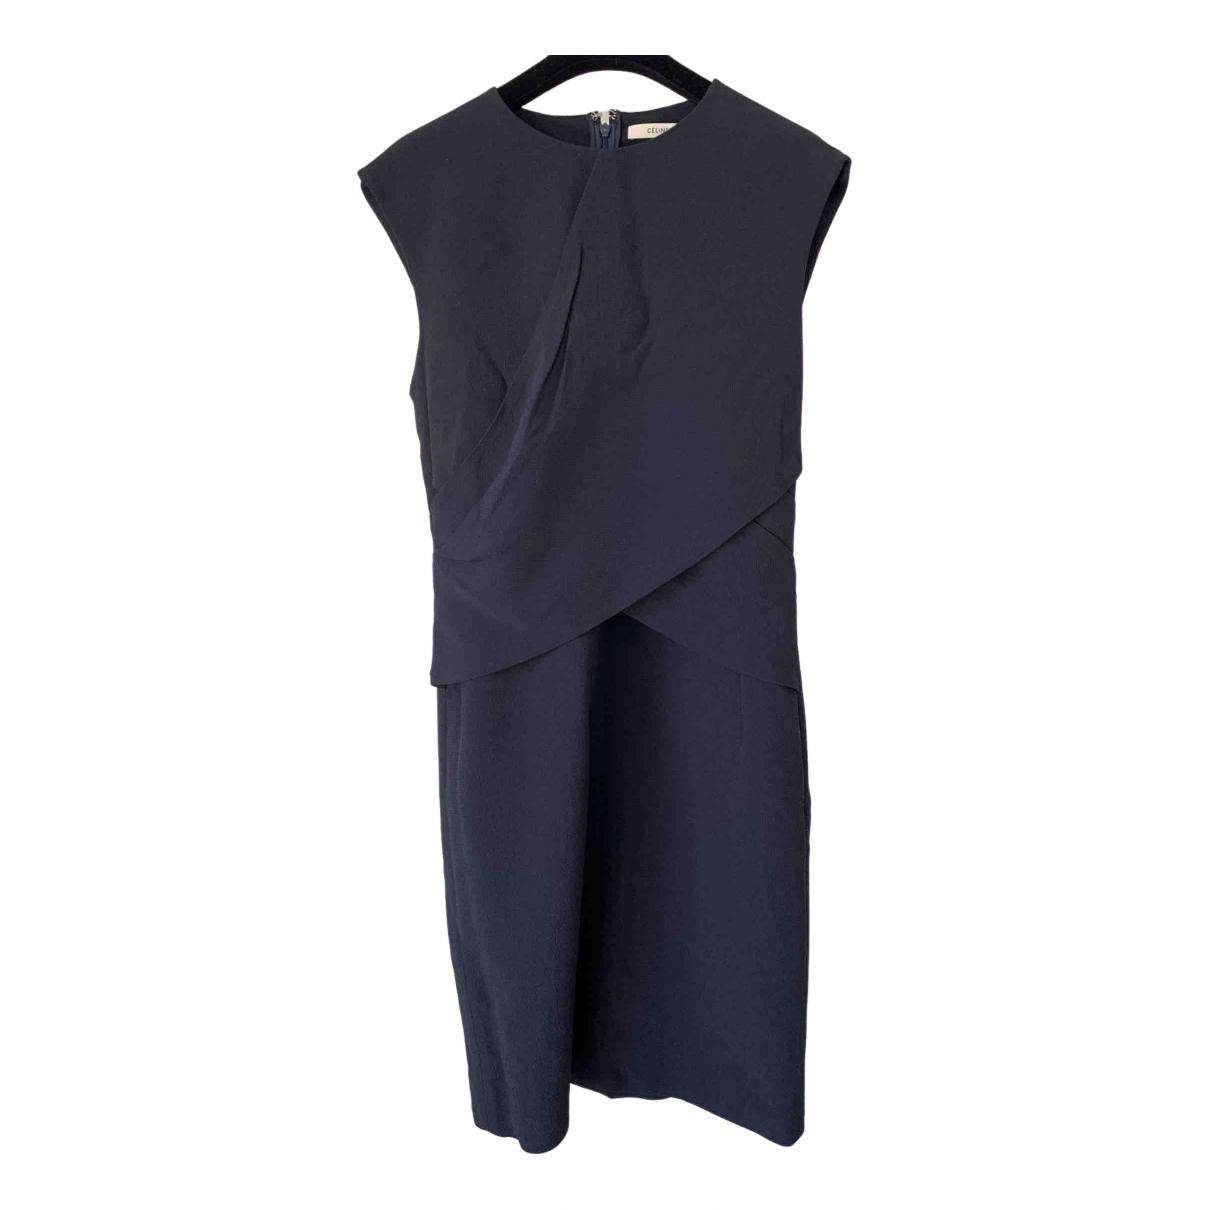 Celine \N Blue dress for Women 36 FR